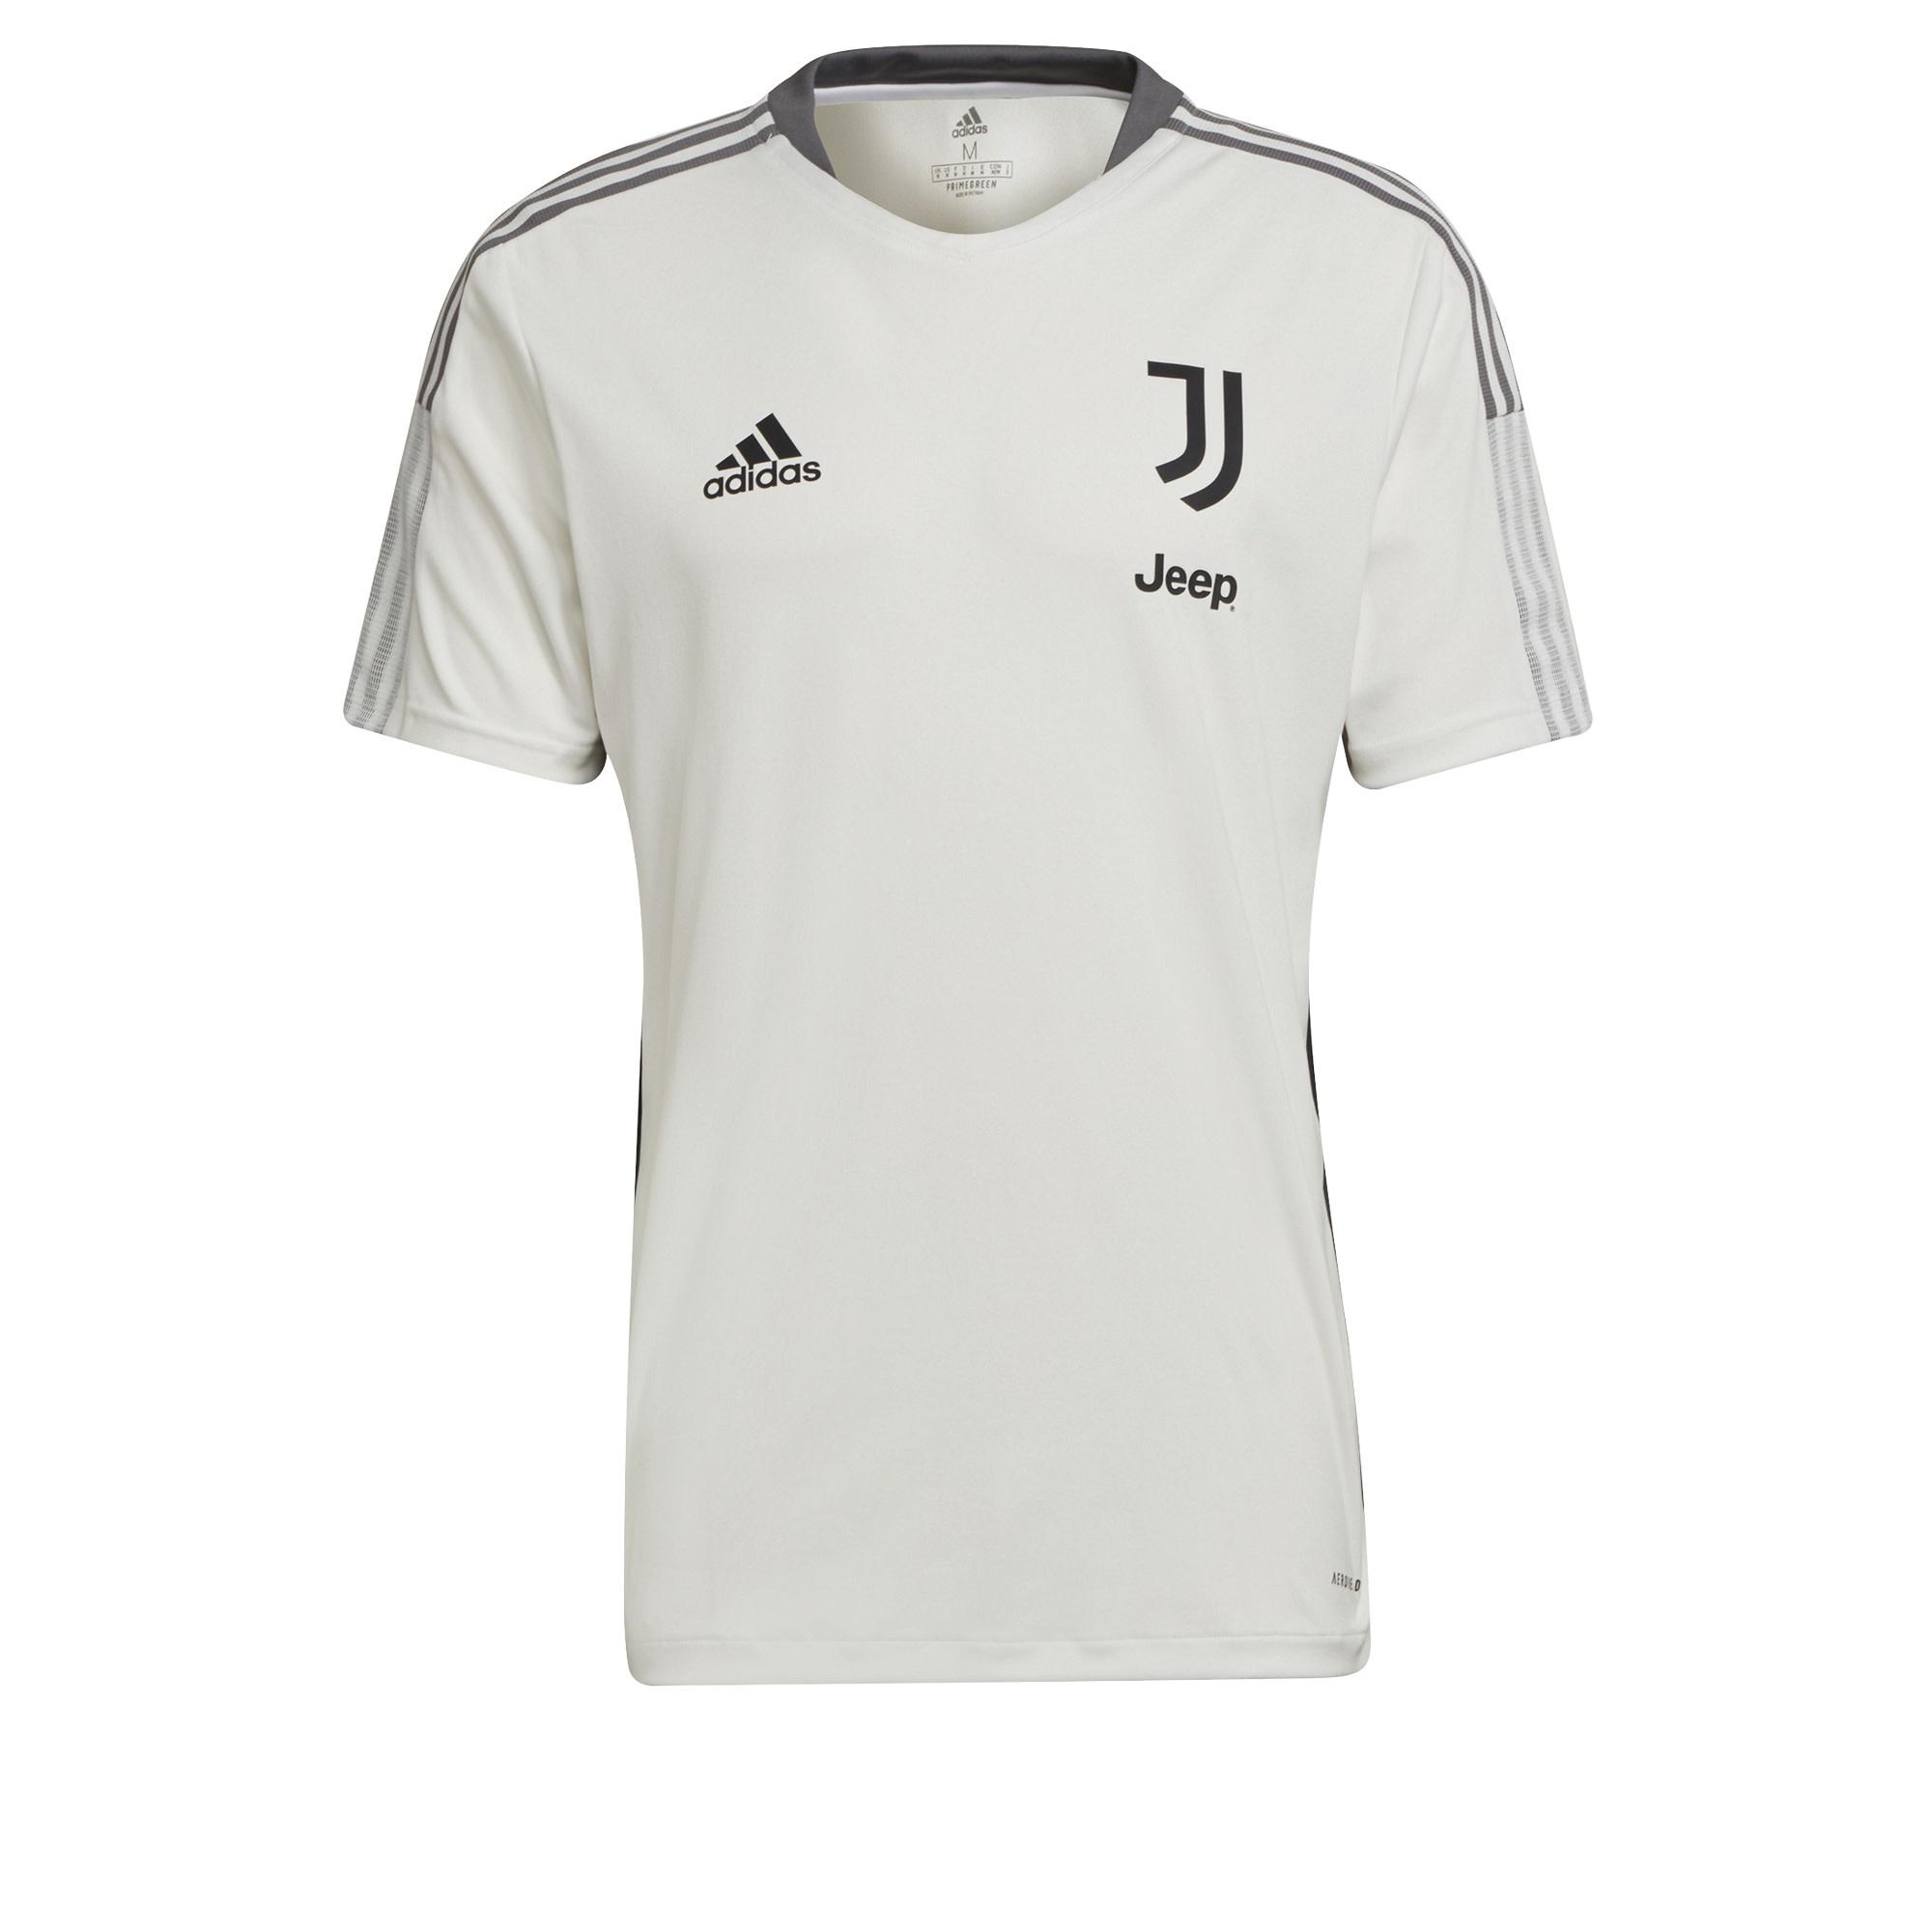 Adidas Juventus Training Jersey '21-'22